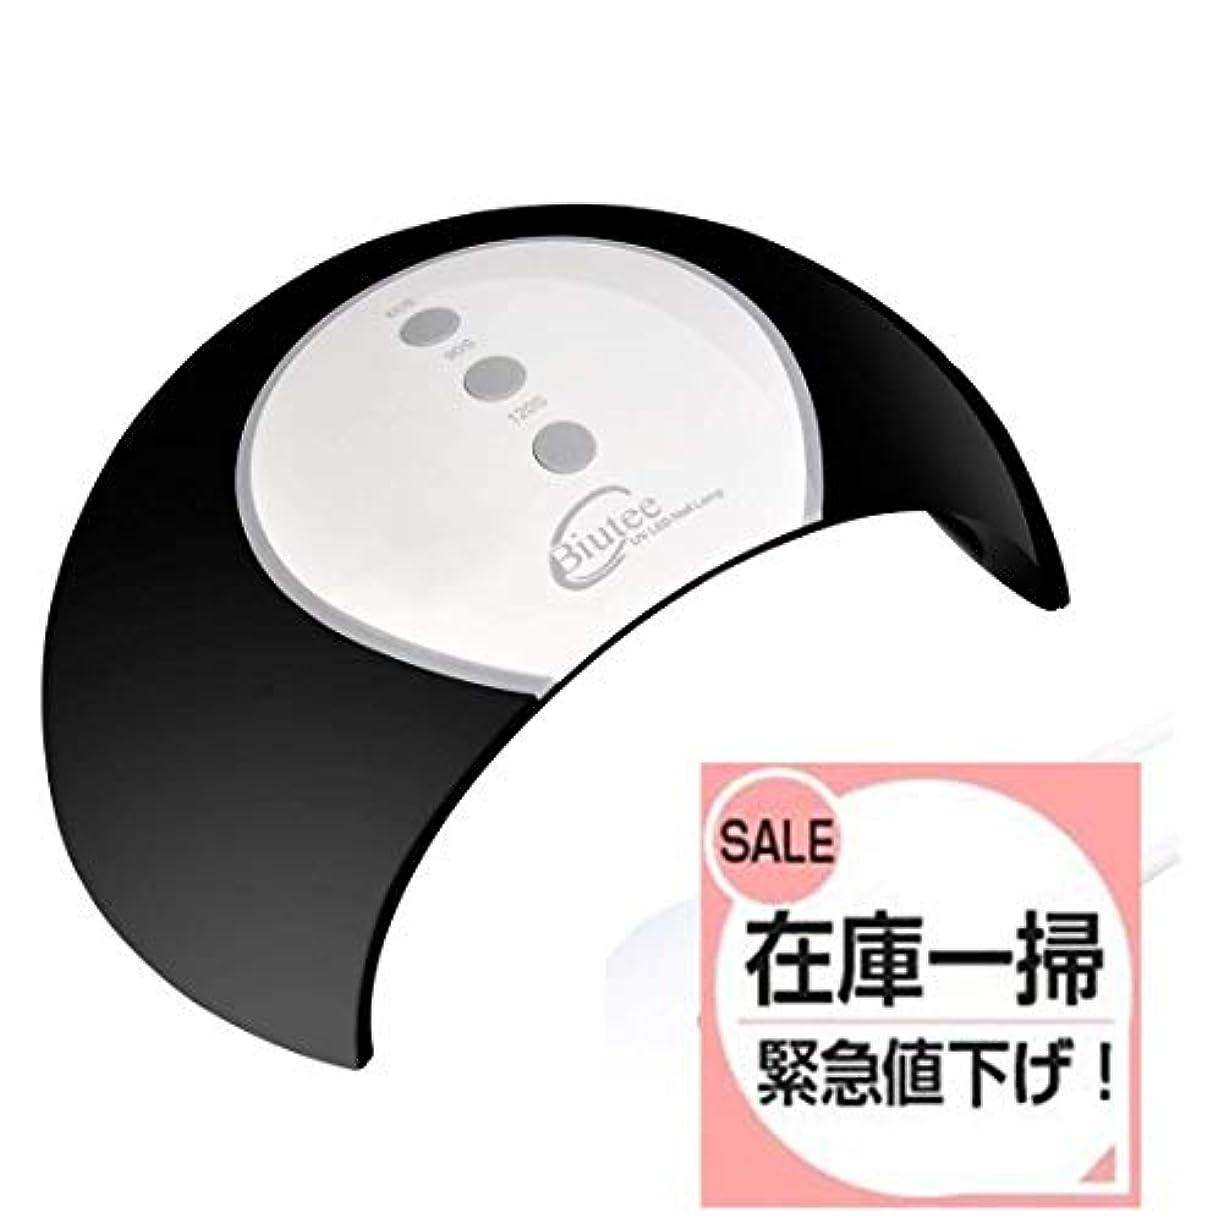 復活させる城悪質な24W ネイルライト USB充電 8個LED 60s 90s 120sタイマー 手足両用 自動センサー付き ネイルドライヤー UV LED ジェルネイルライト 日本語説明書付き